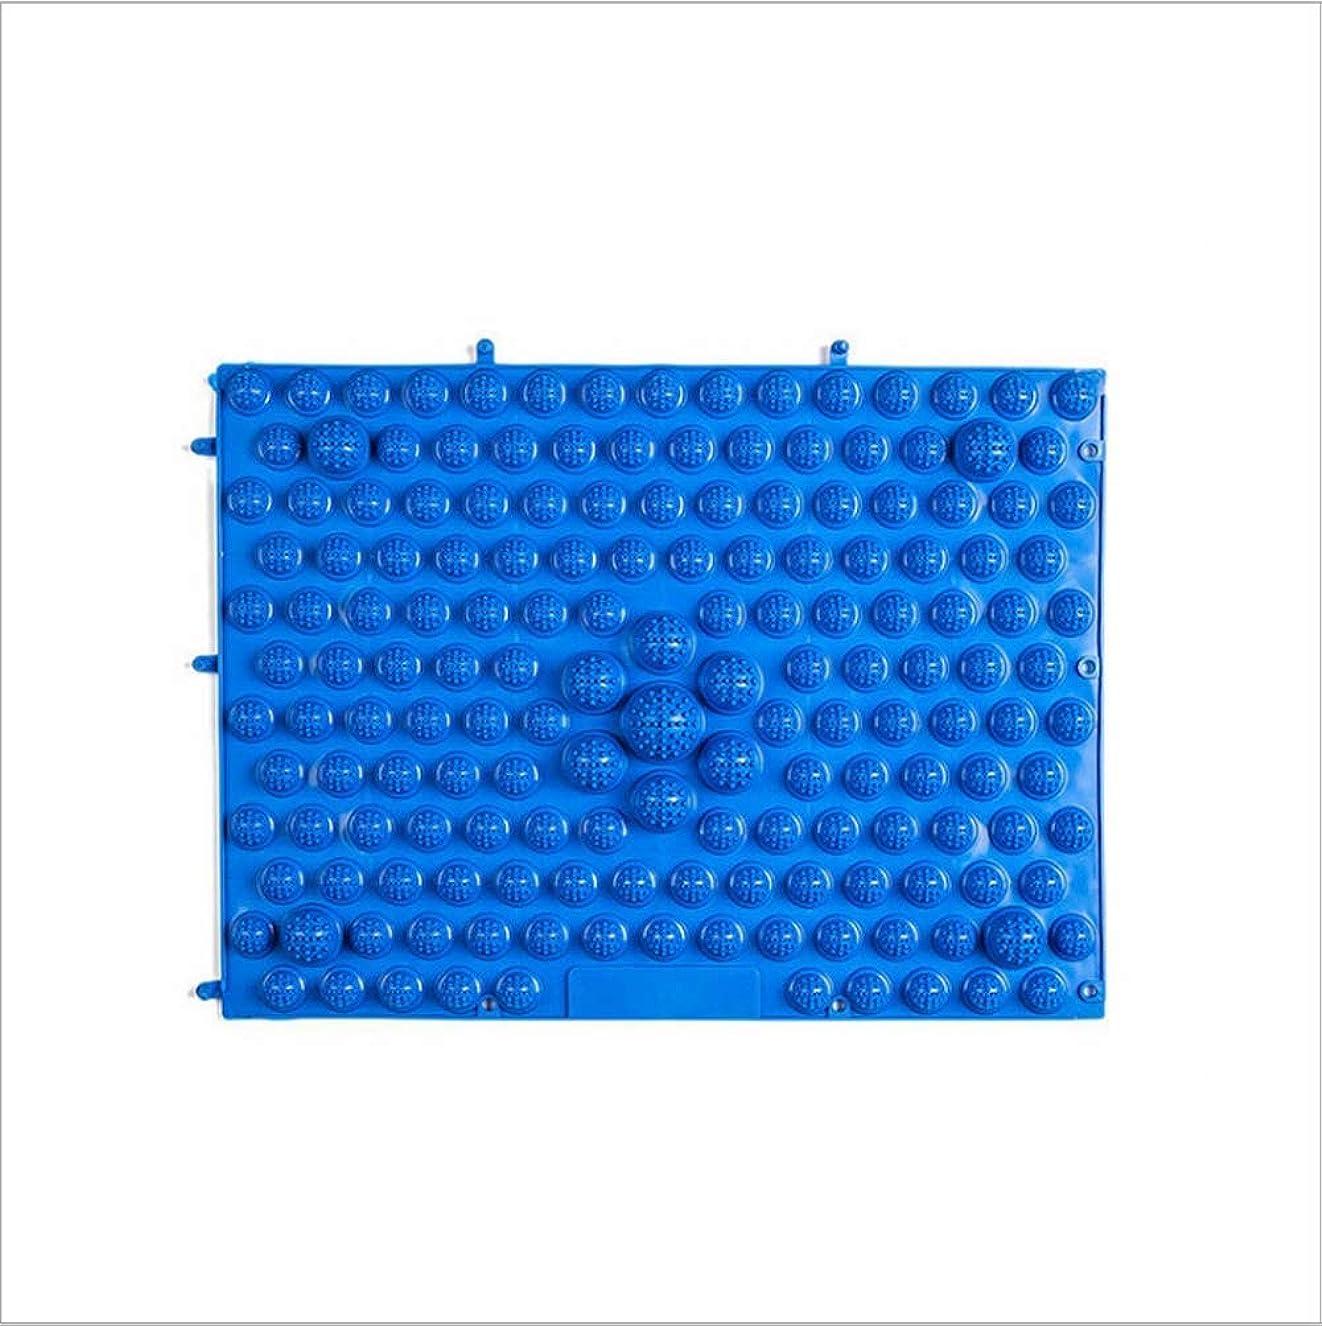 良いむしゃむしゃから聞くウォークマット 裏板セット(ABS樹脂製補強板付き)(ブルー)